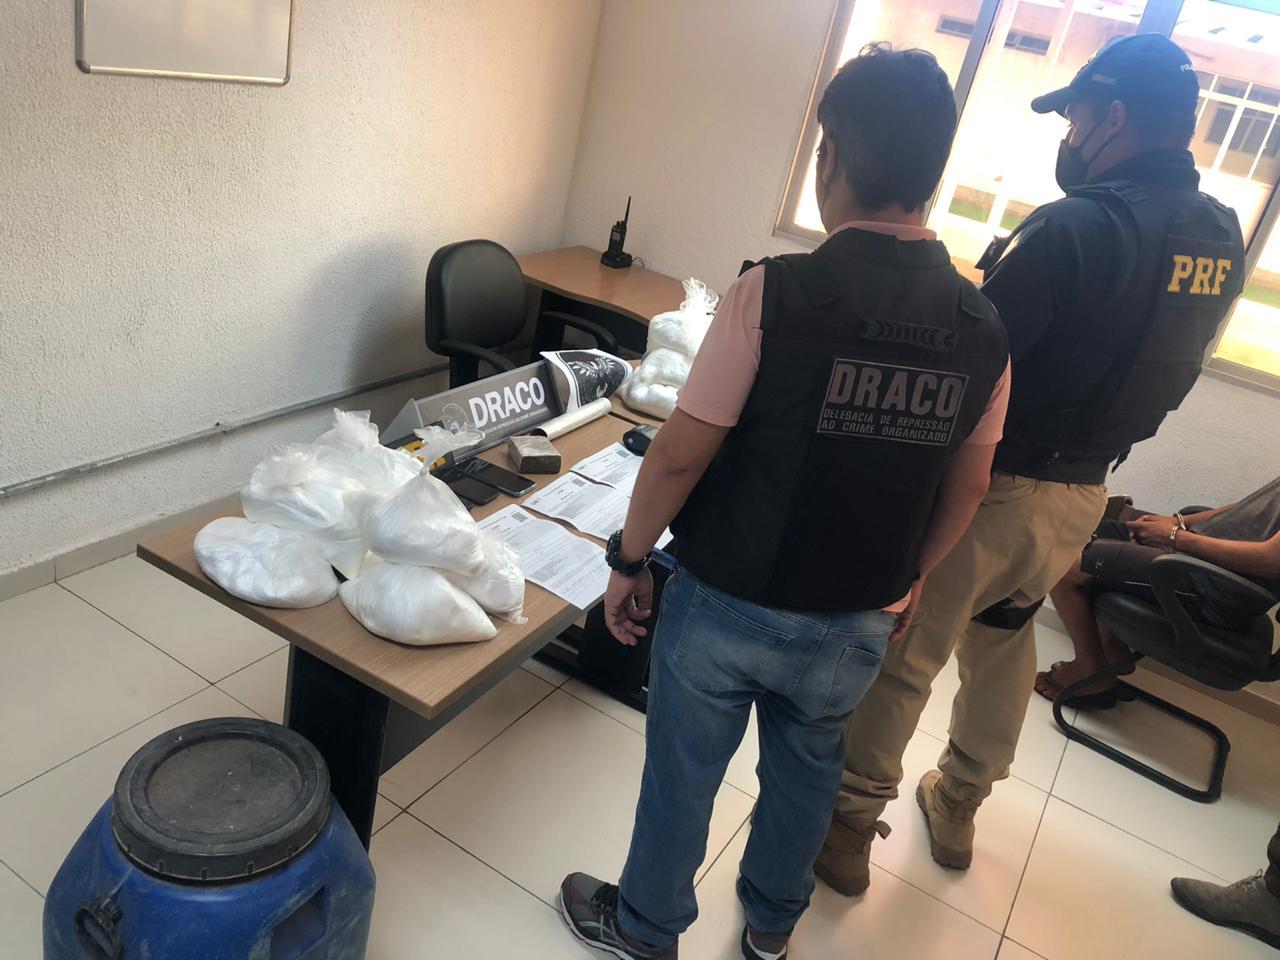 WhatsApp Image 2020 12 16 at 16.57.57 1 - PROCURADO NO RN: Polícia da PB prende homem acusado de atuar em tráfico internacional de drogas